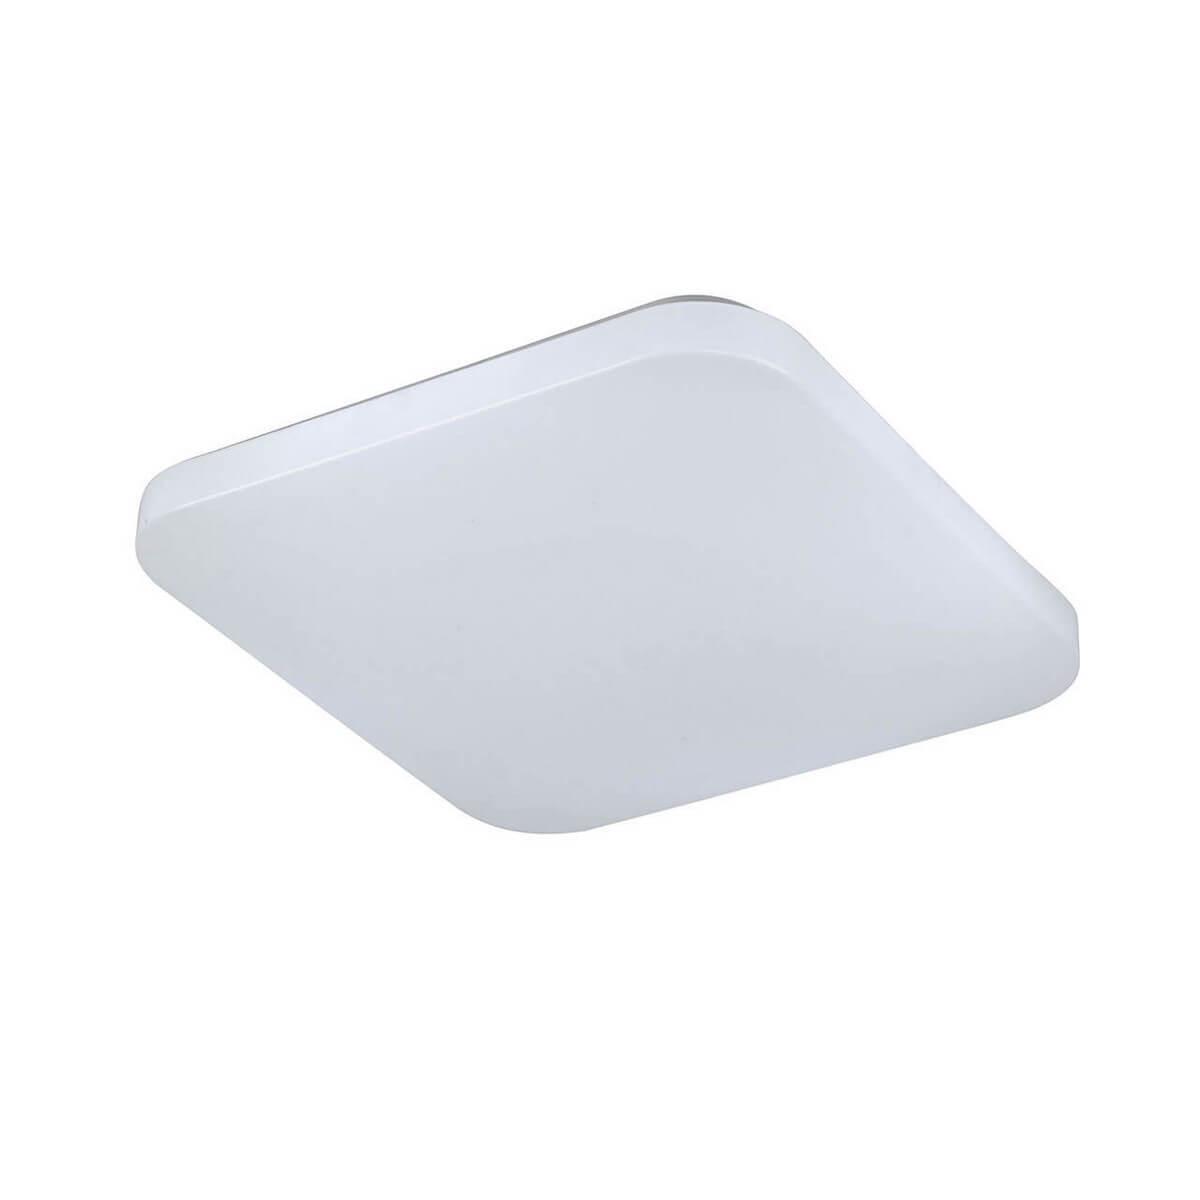 купить Потолочный светодиодный светильник Mantra Quatro II 6243 онлайн